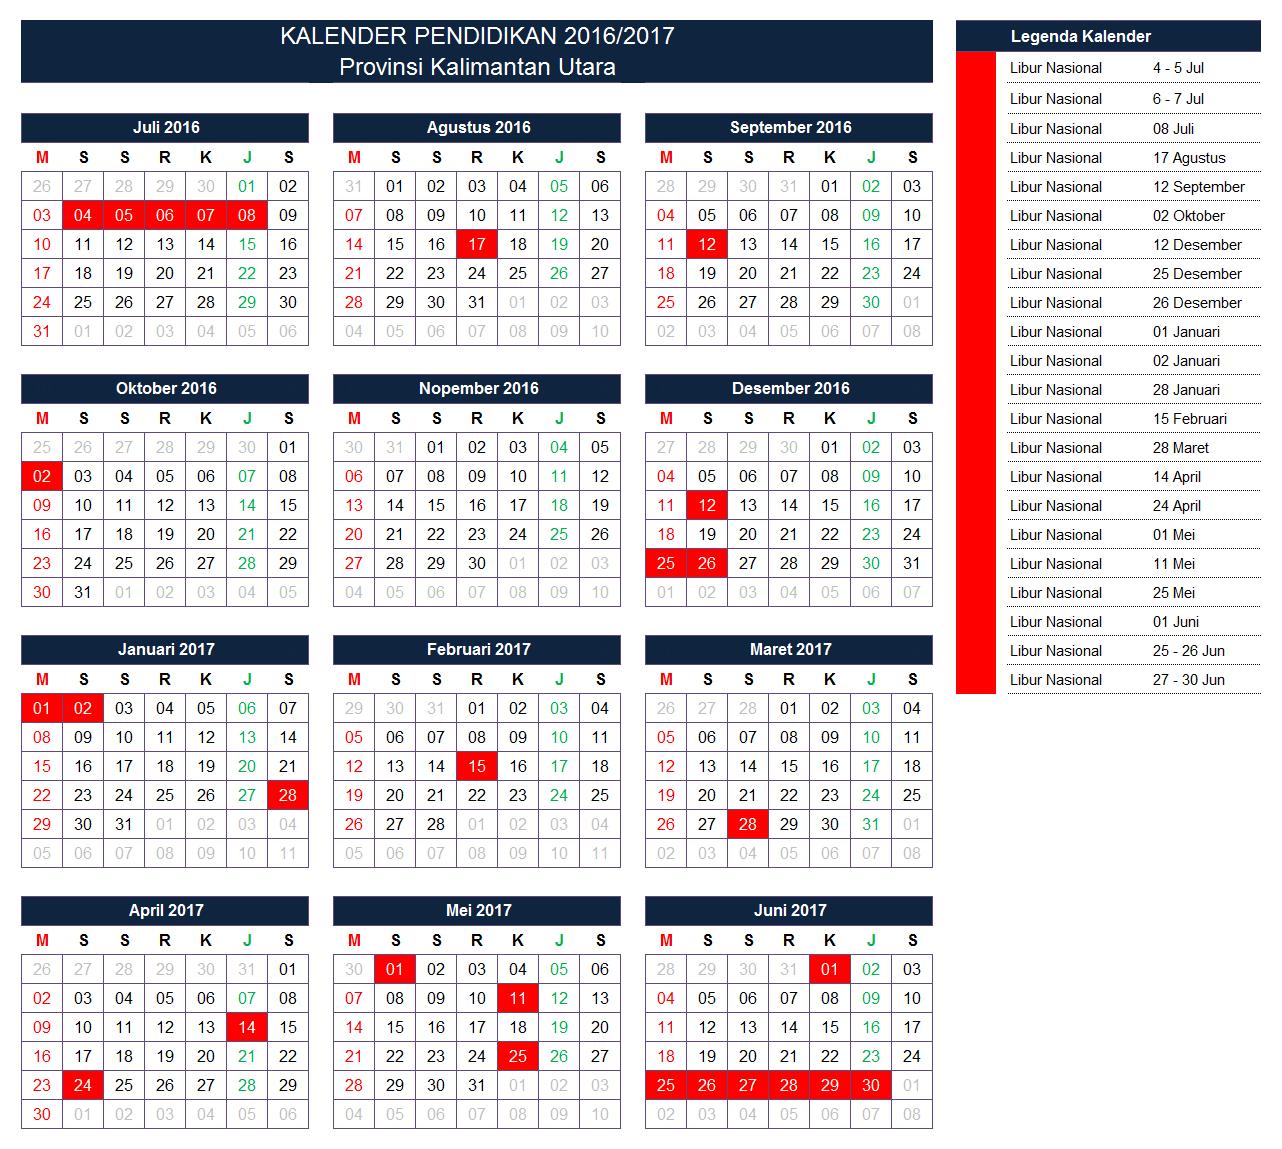 Kalender Pendidikan Provinsi Kalimantan Utara